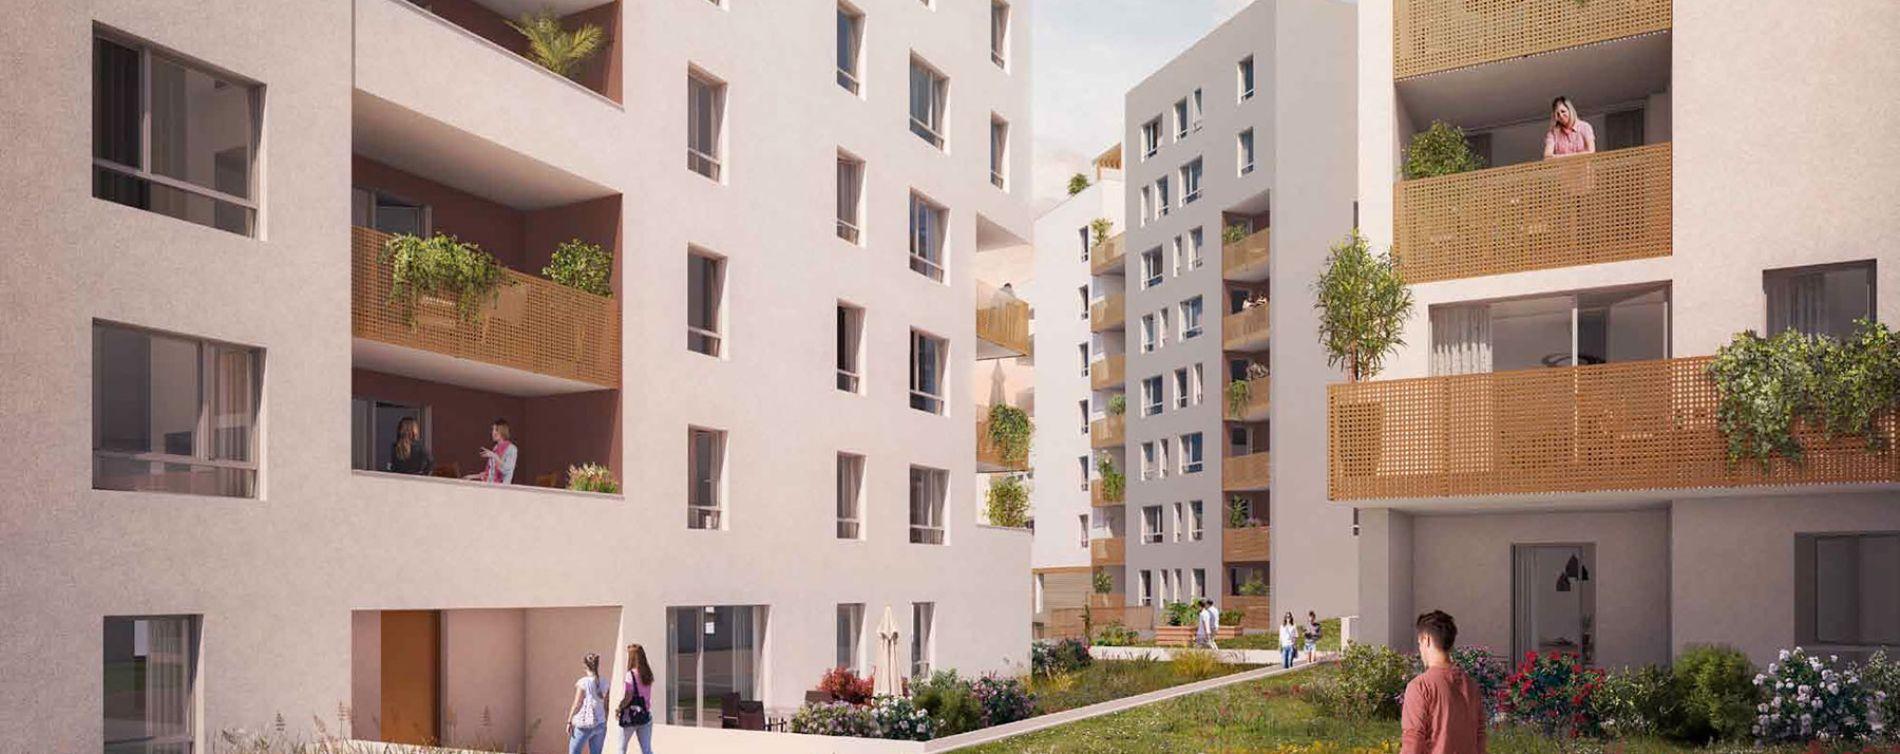 Résidence Regens Parc à Clermont-Ferrand